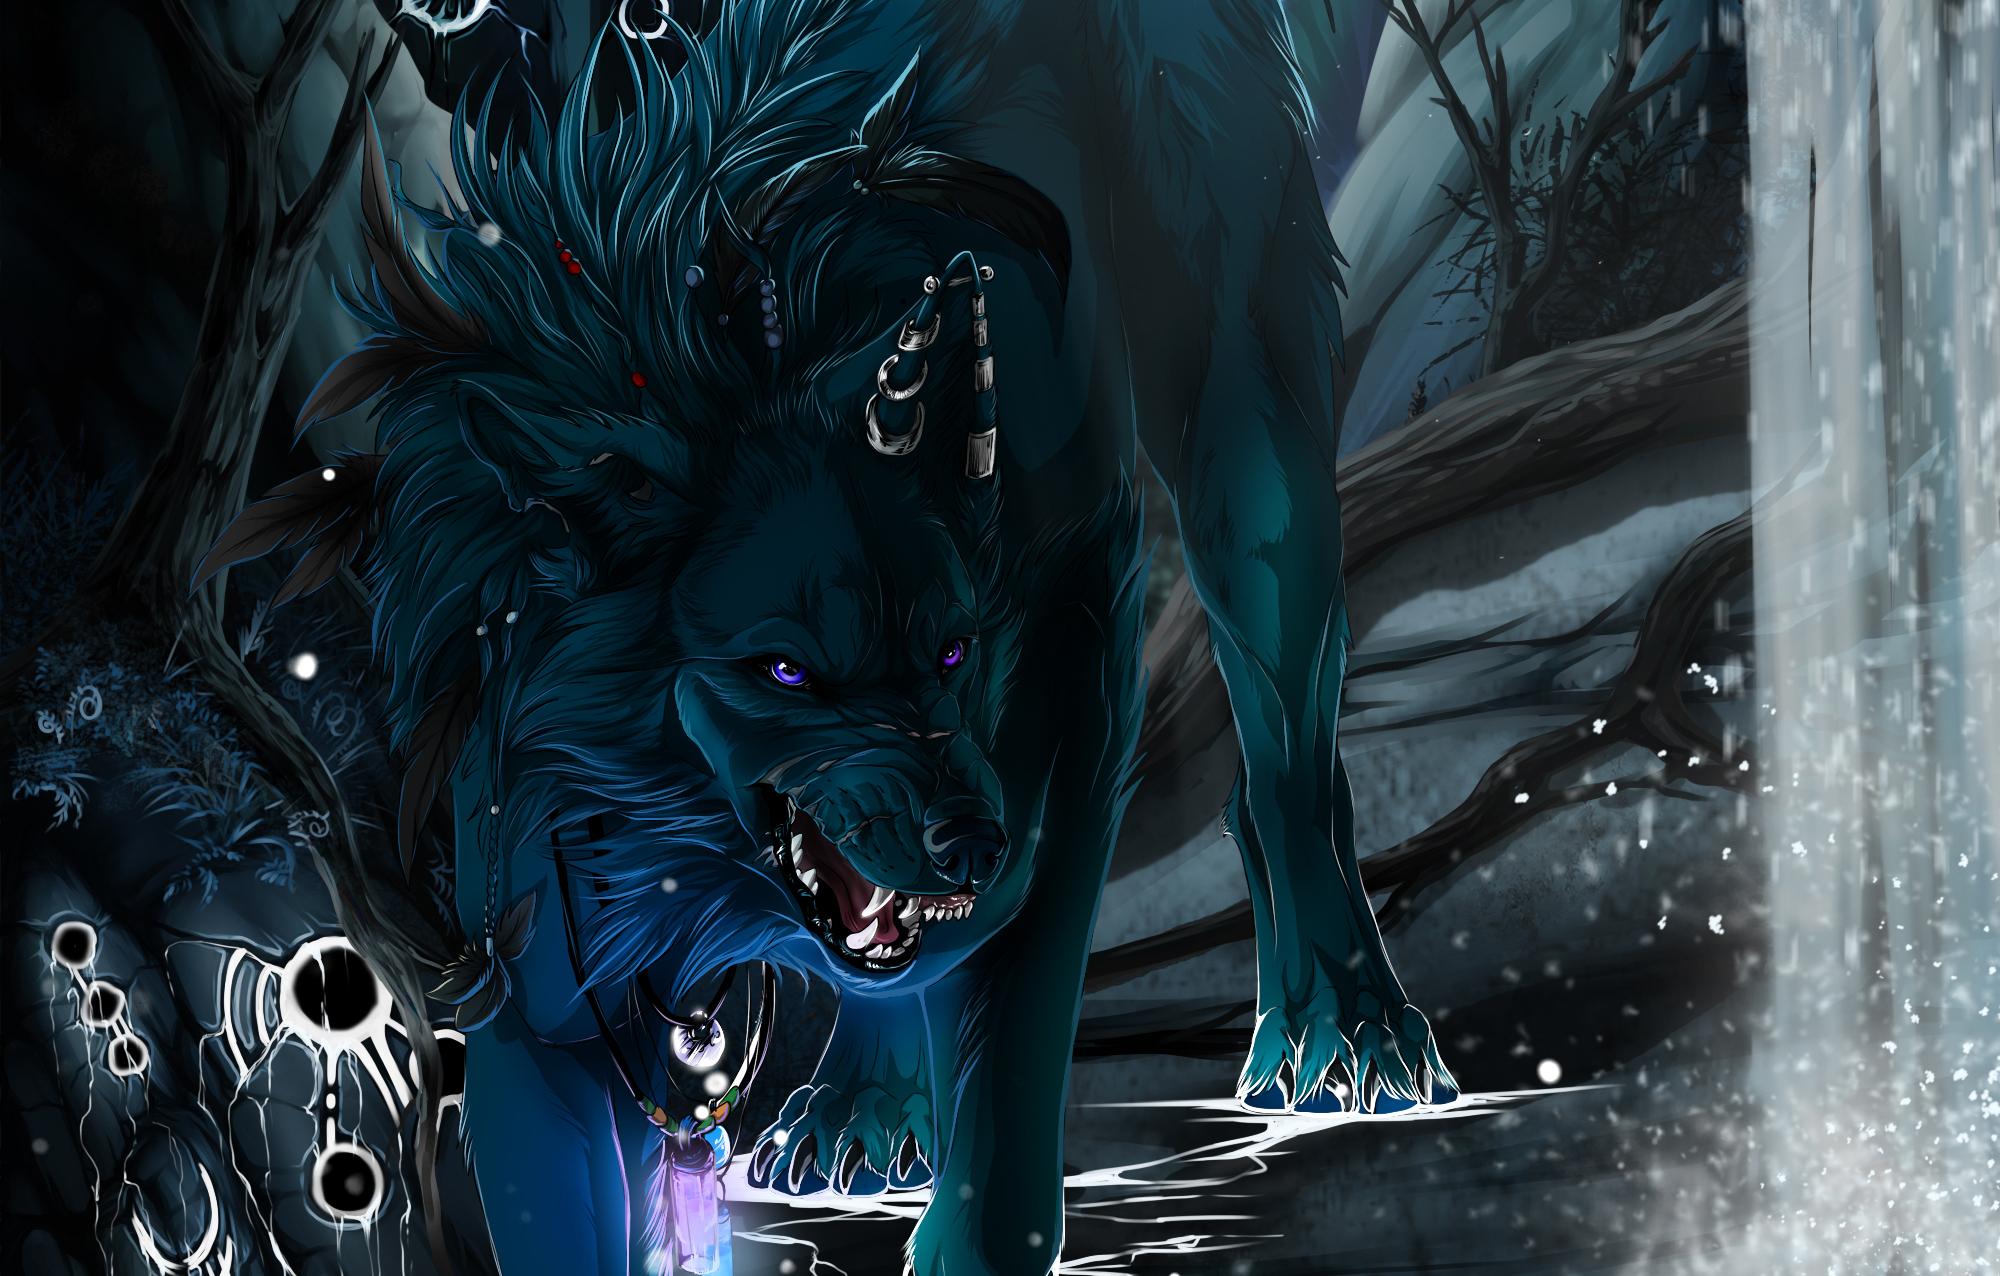 Черный волк эпическая картинка